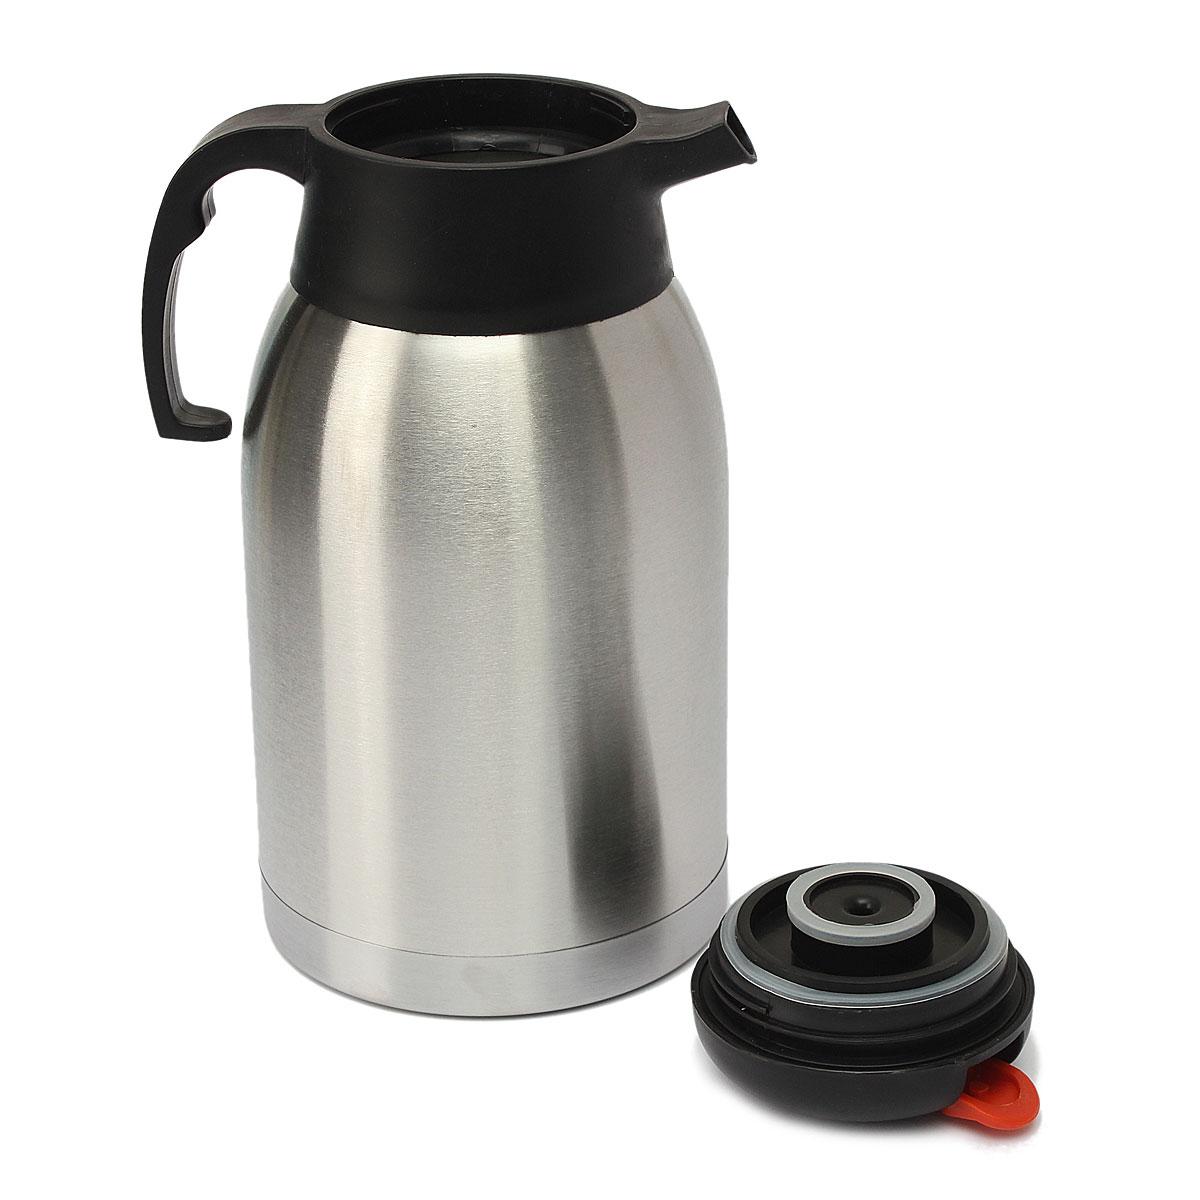 Bouilloire Isotherme en ce qui concerne 2l thermos cruche bottle bouilloire vacuum bouteille en acier